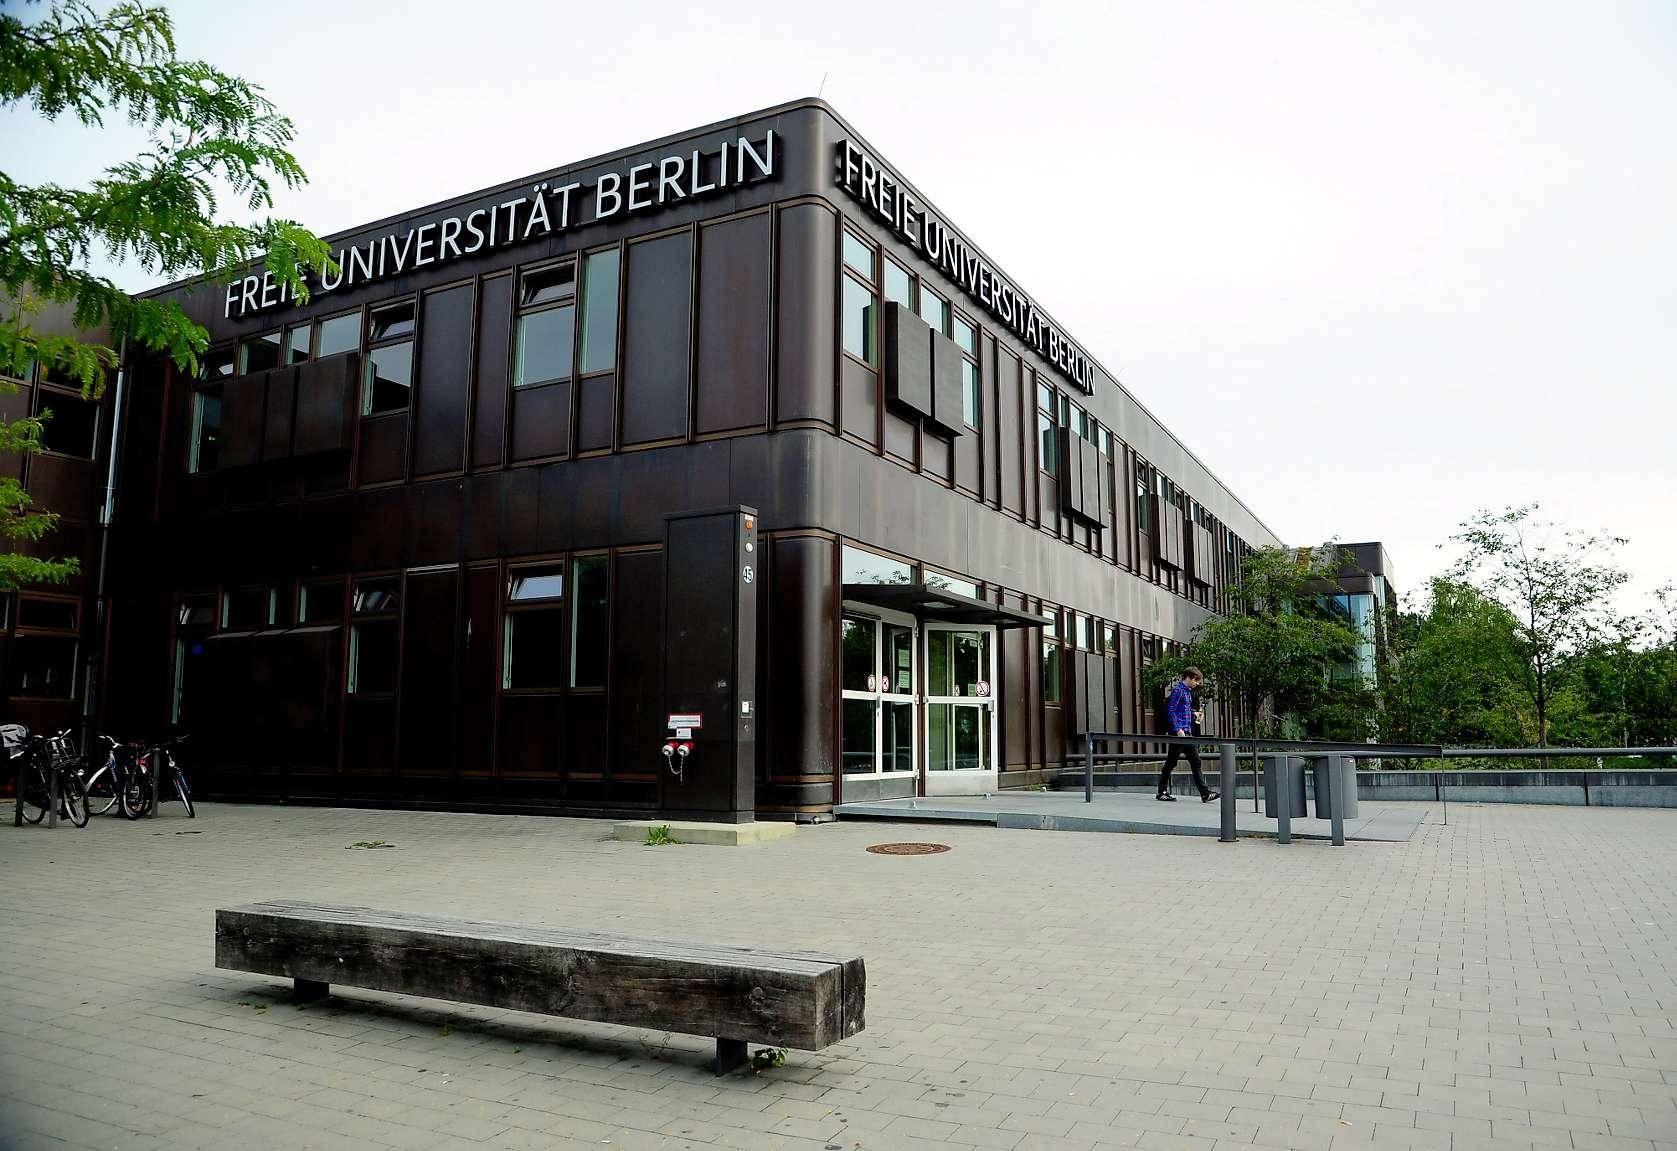 Получение образования в германии в 2021 году, поступление, документы